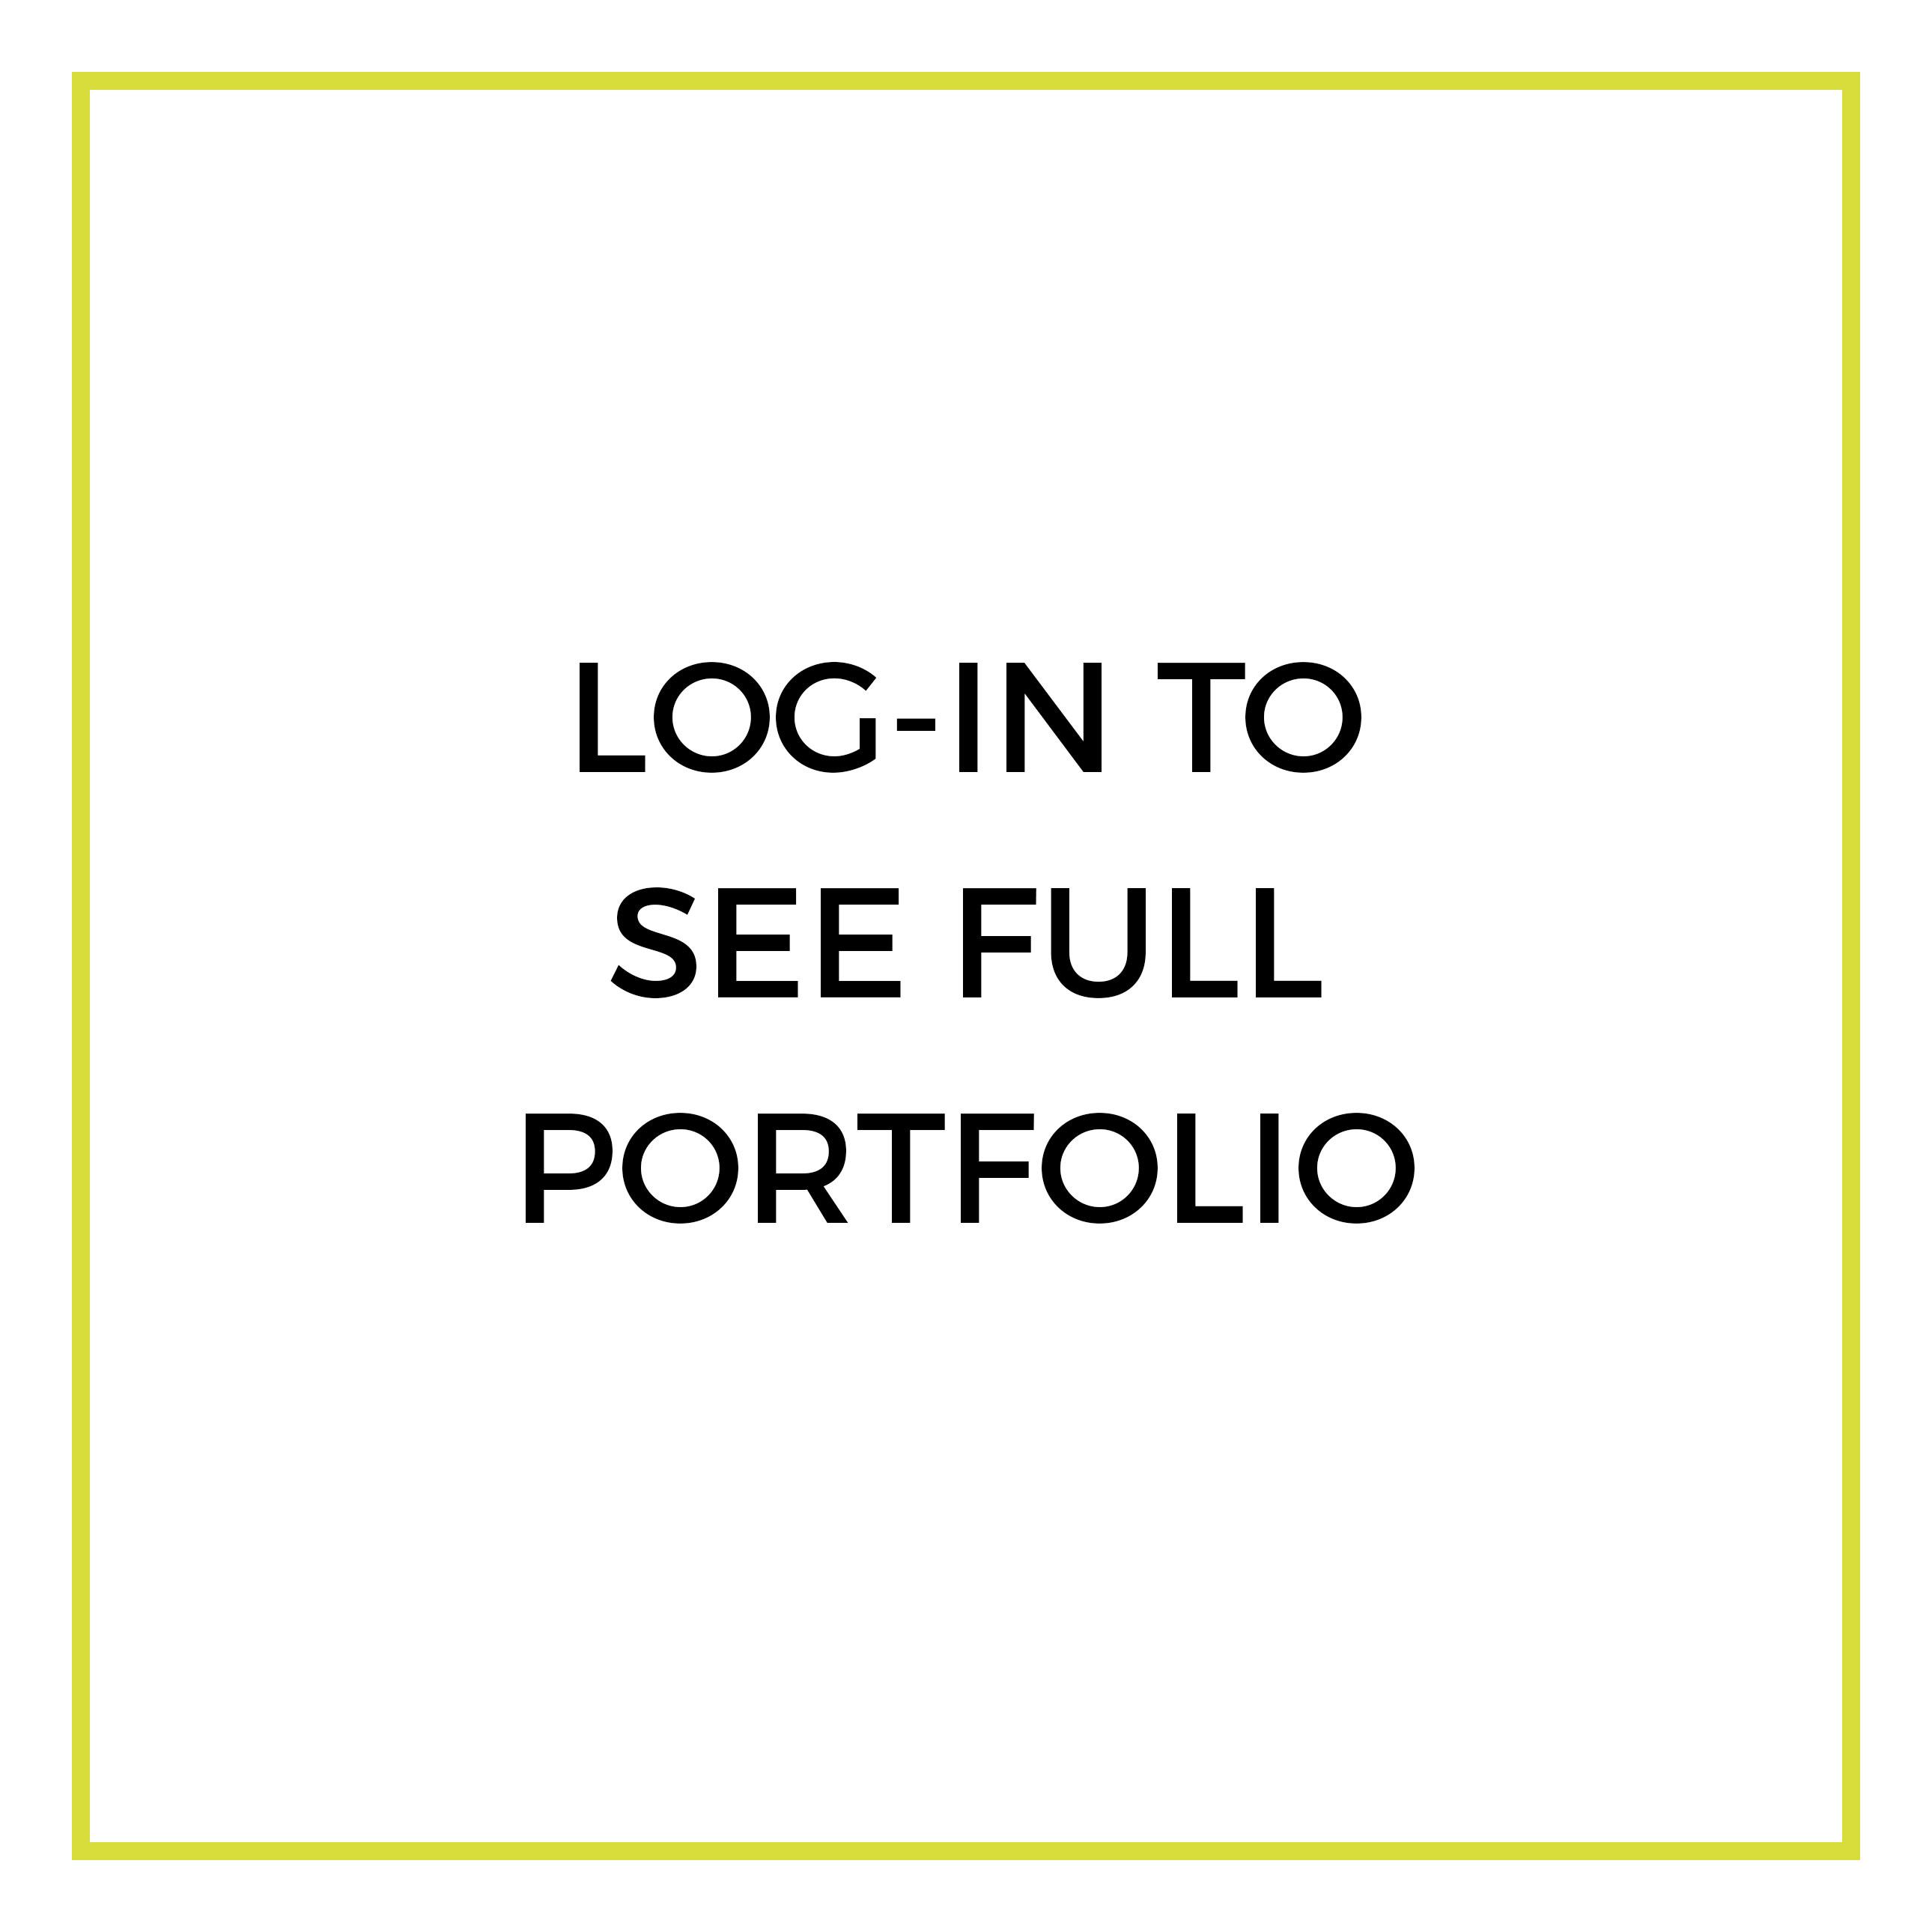 full-portfolio